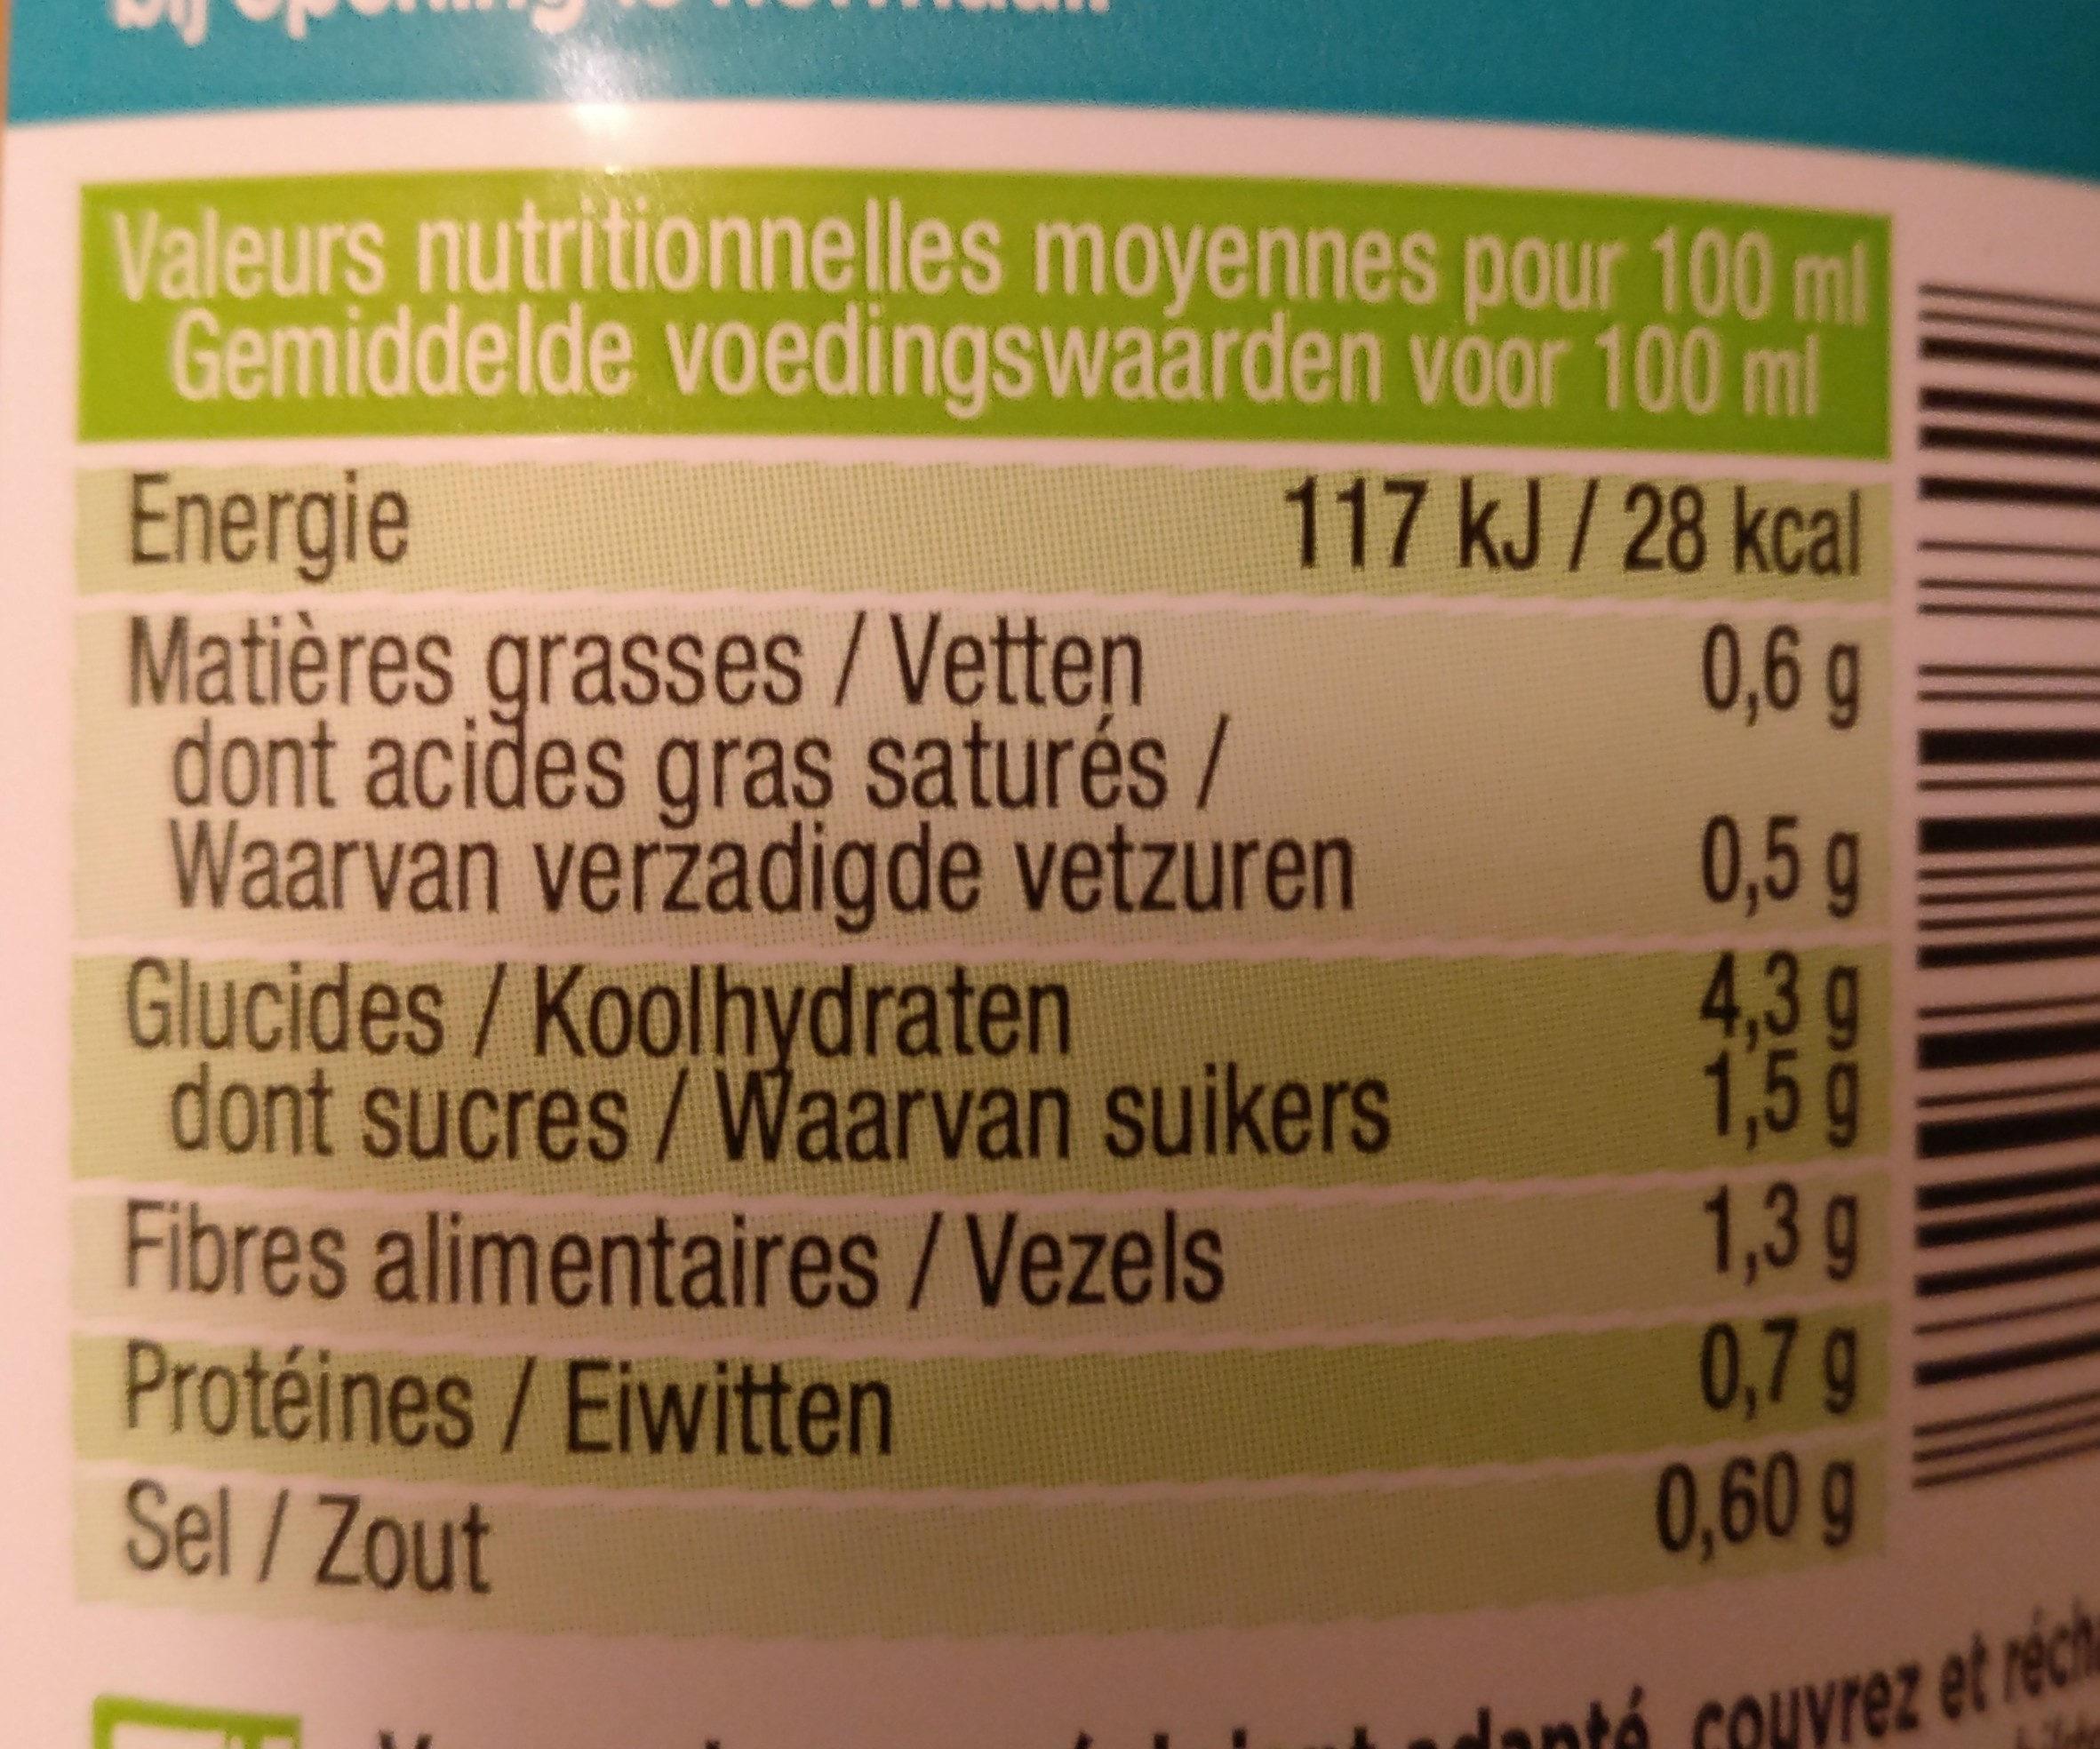 Velouté butternut au lait de coco et au piment d'Espelette - Informations nutritionnelles - fr